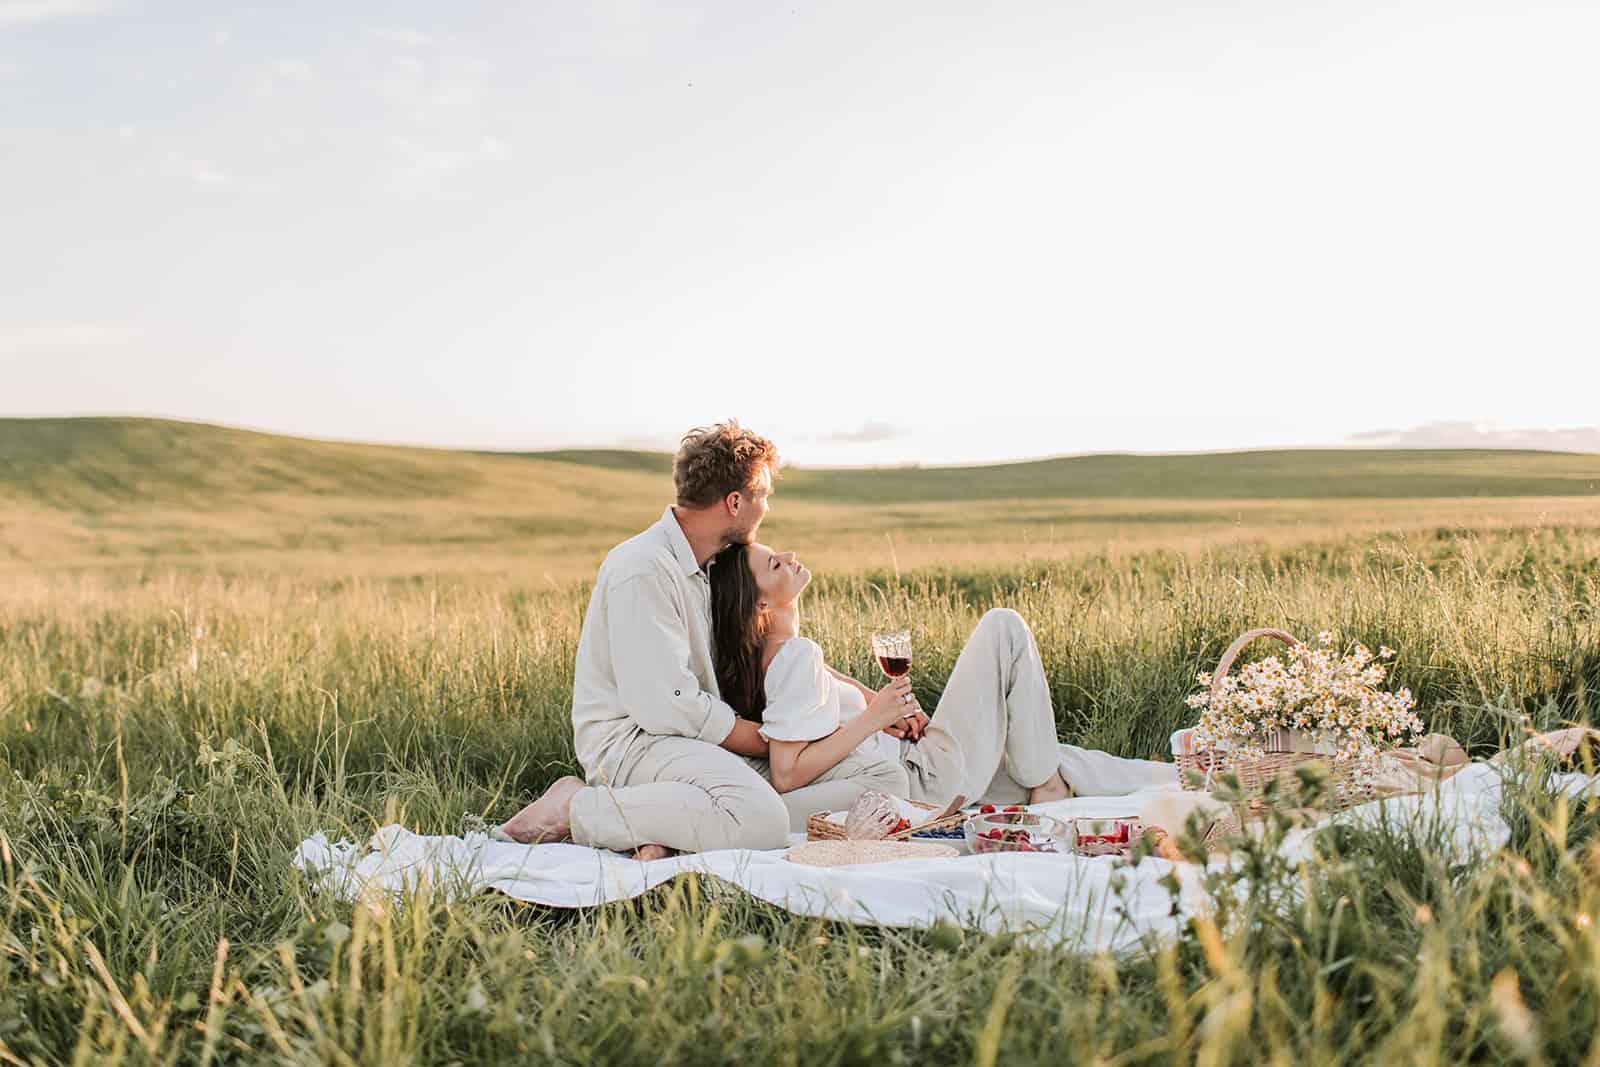 ein liebendes Paar, das ein Picknick auf der Wiese macht